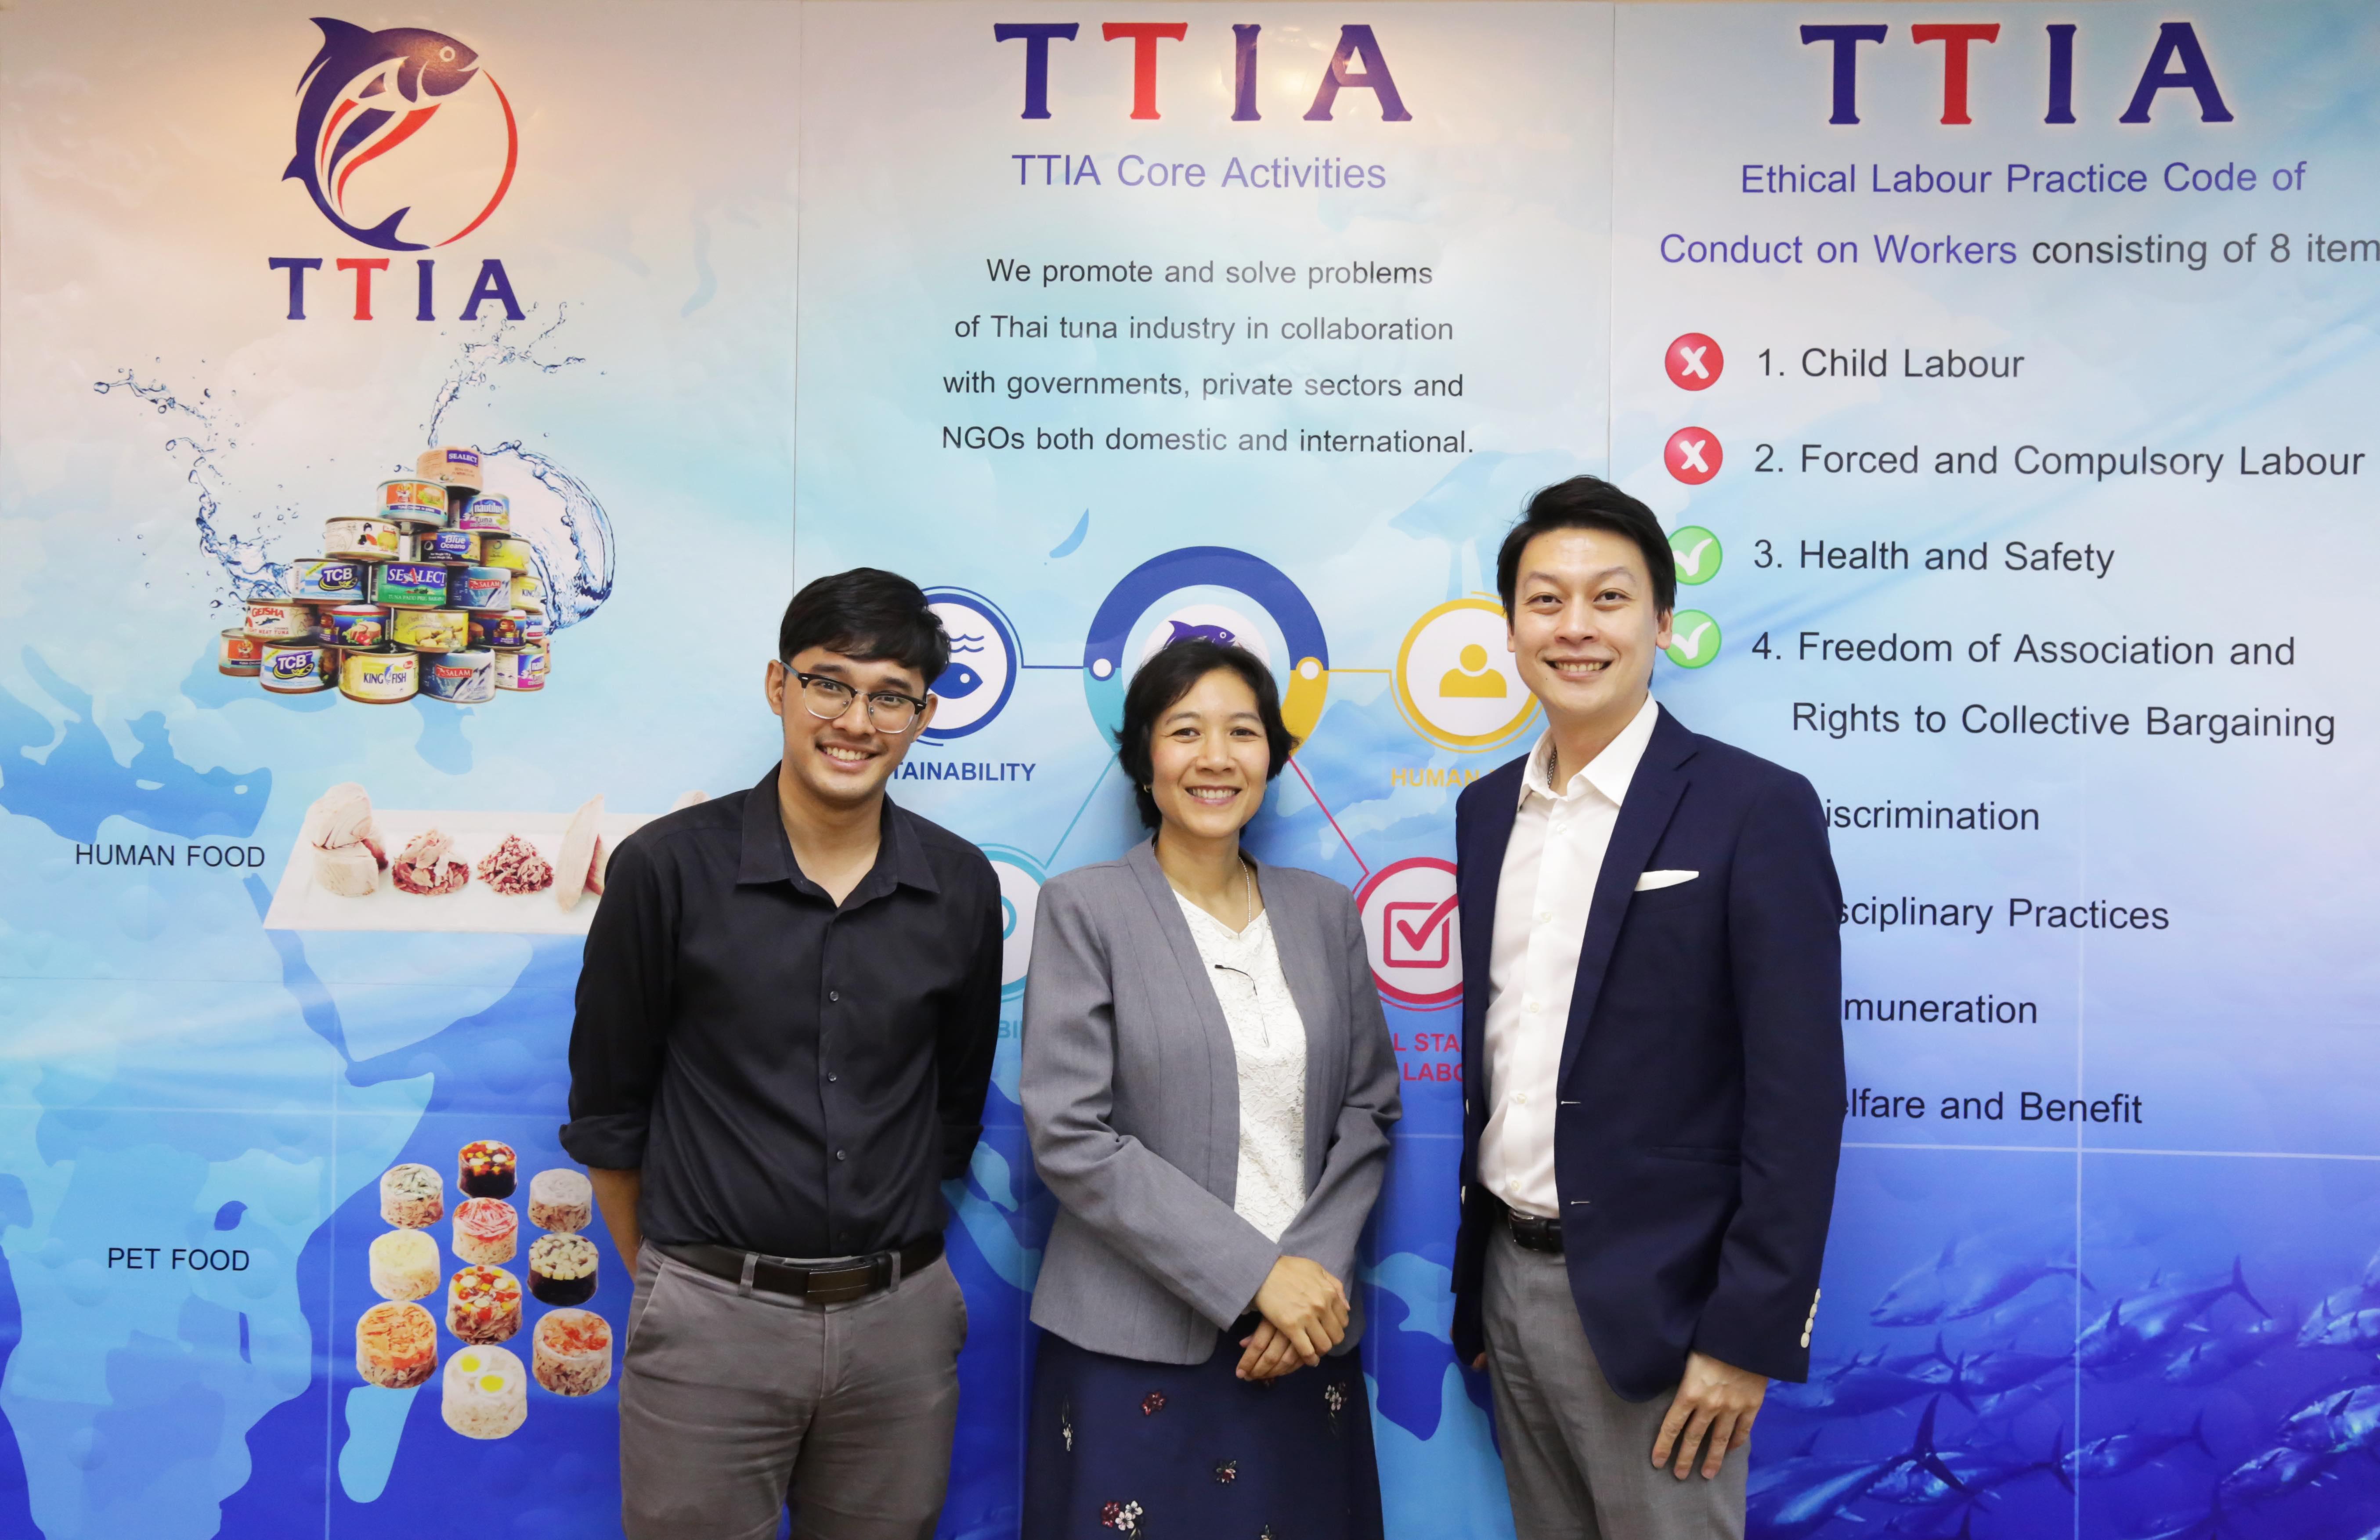 持続可能な生産への転換。世界最大のツナ缶輸出国の取り組みのメイン画像